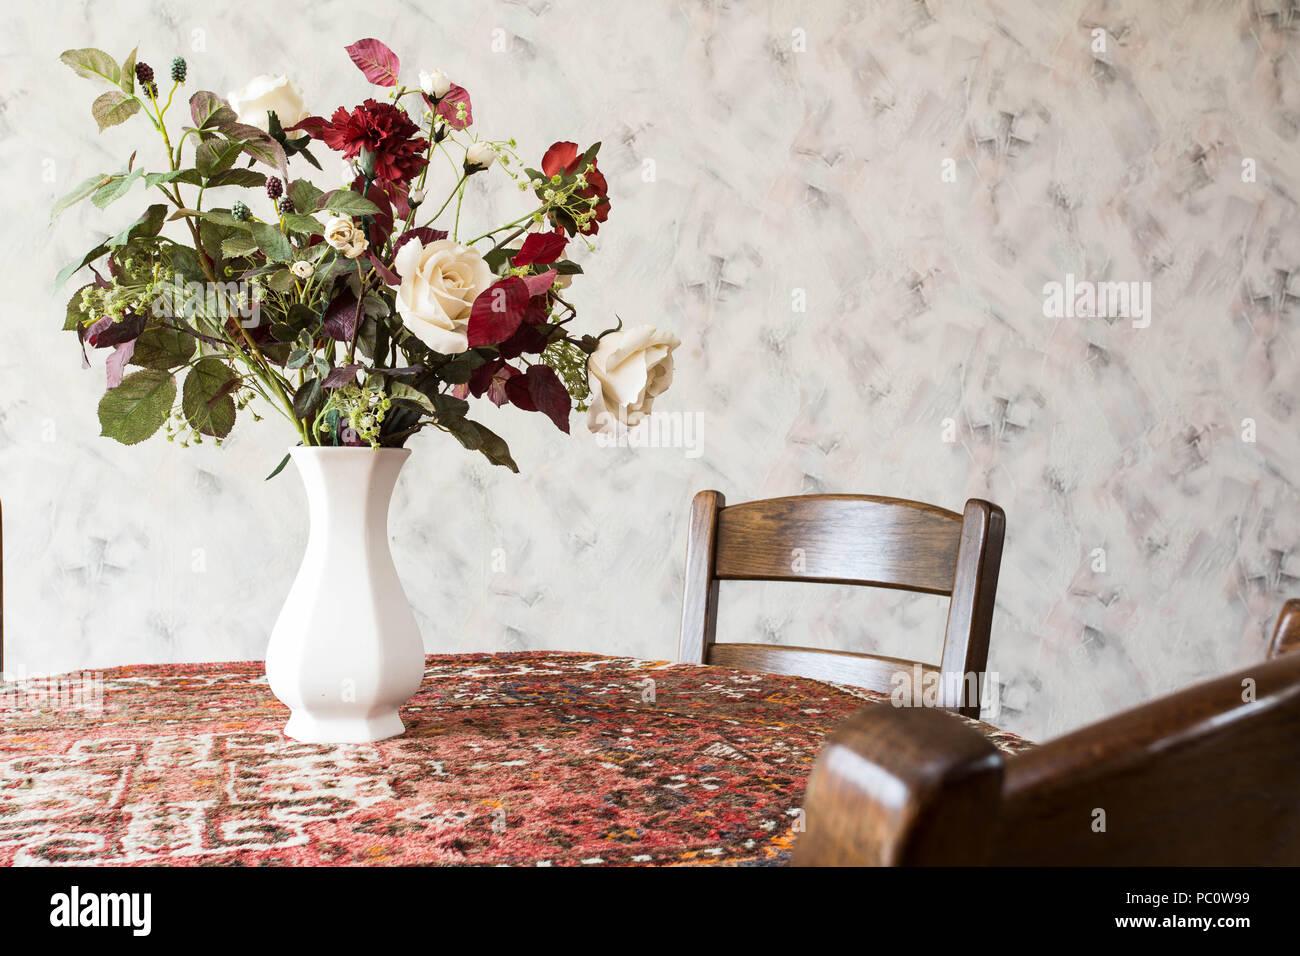 Vintage Wohnzimmer Mit Runder Esstisch Mit Blumen Und Muster Tapete